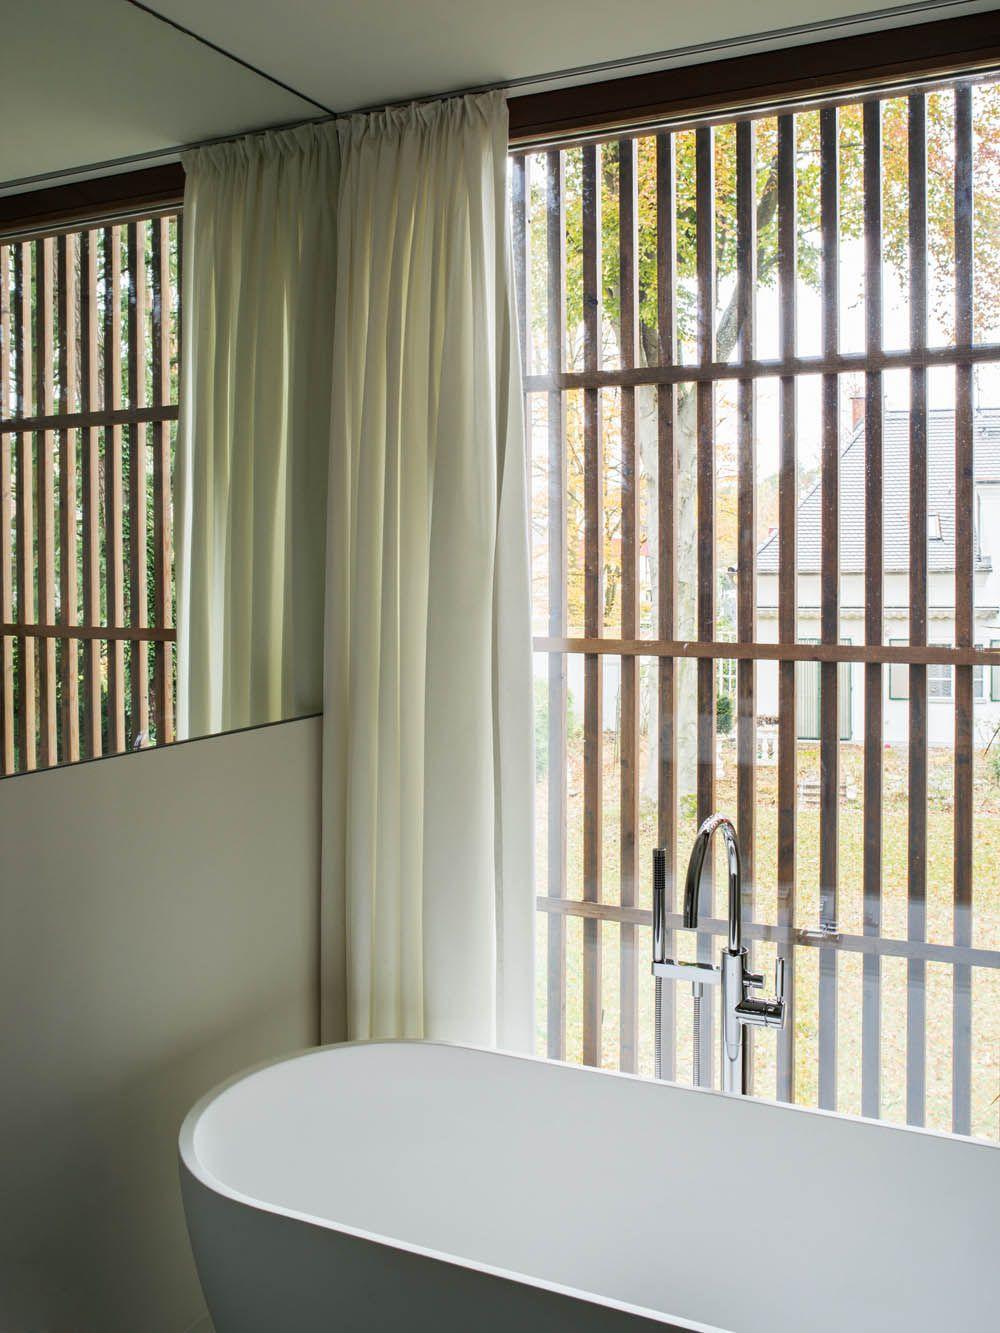 Wohnen Auf Split Leveln Haus P In Berlin Von Bfs Design Innenarchitektur Architekt Low Budget Hauser